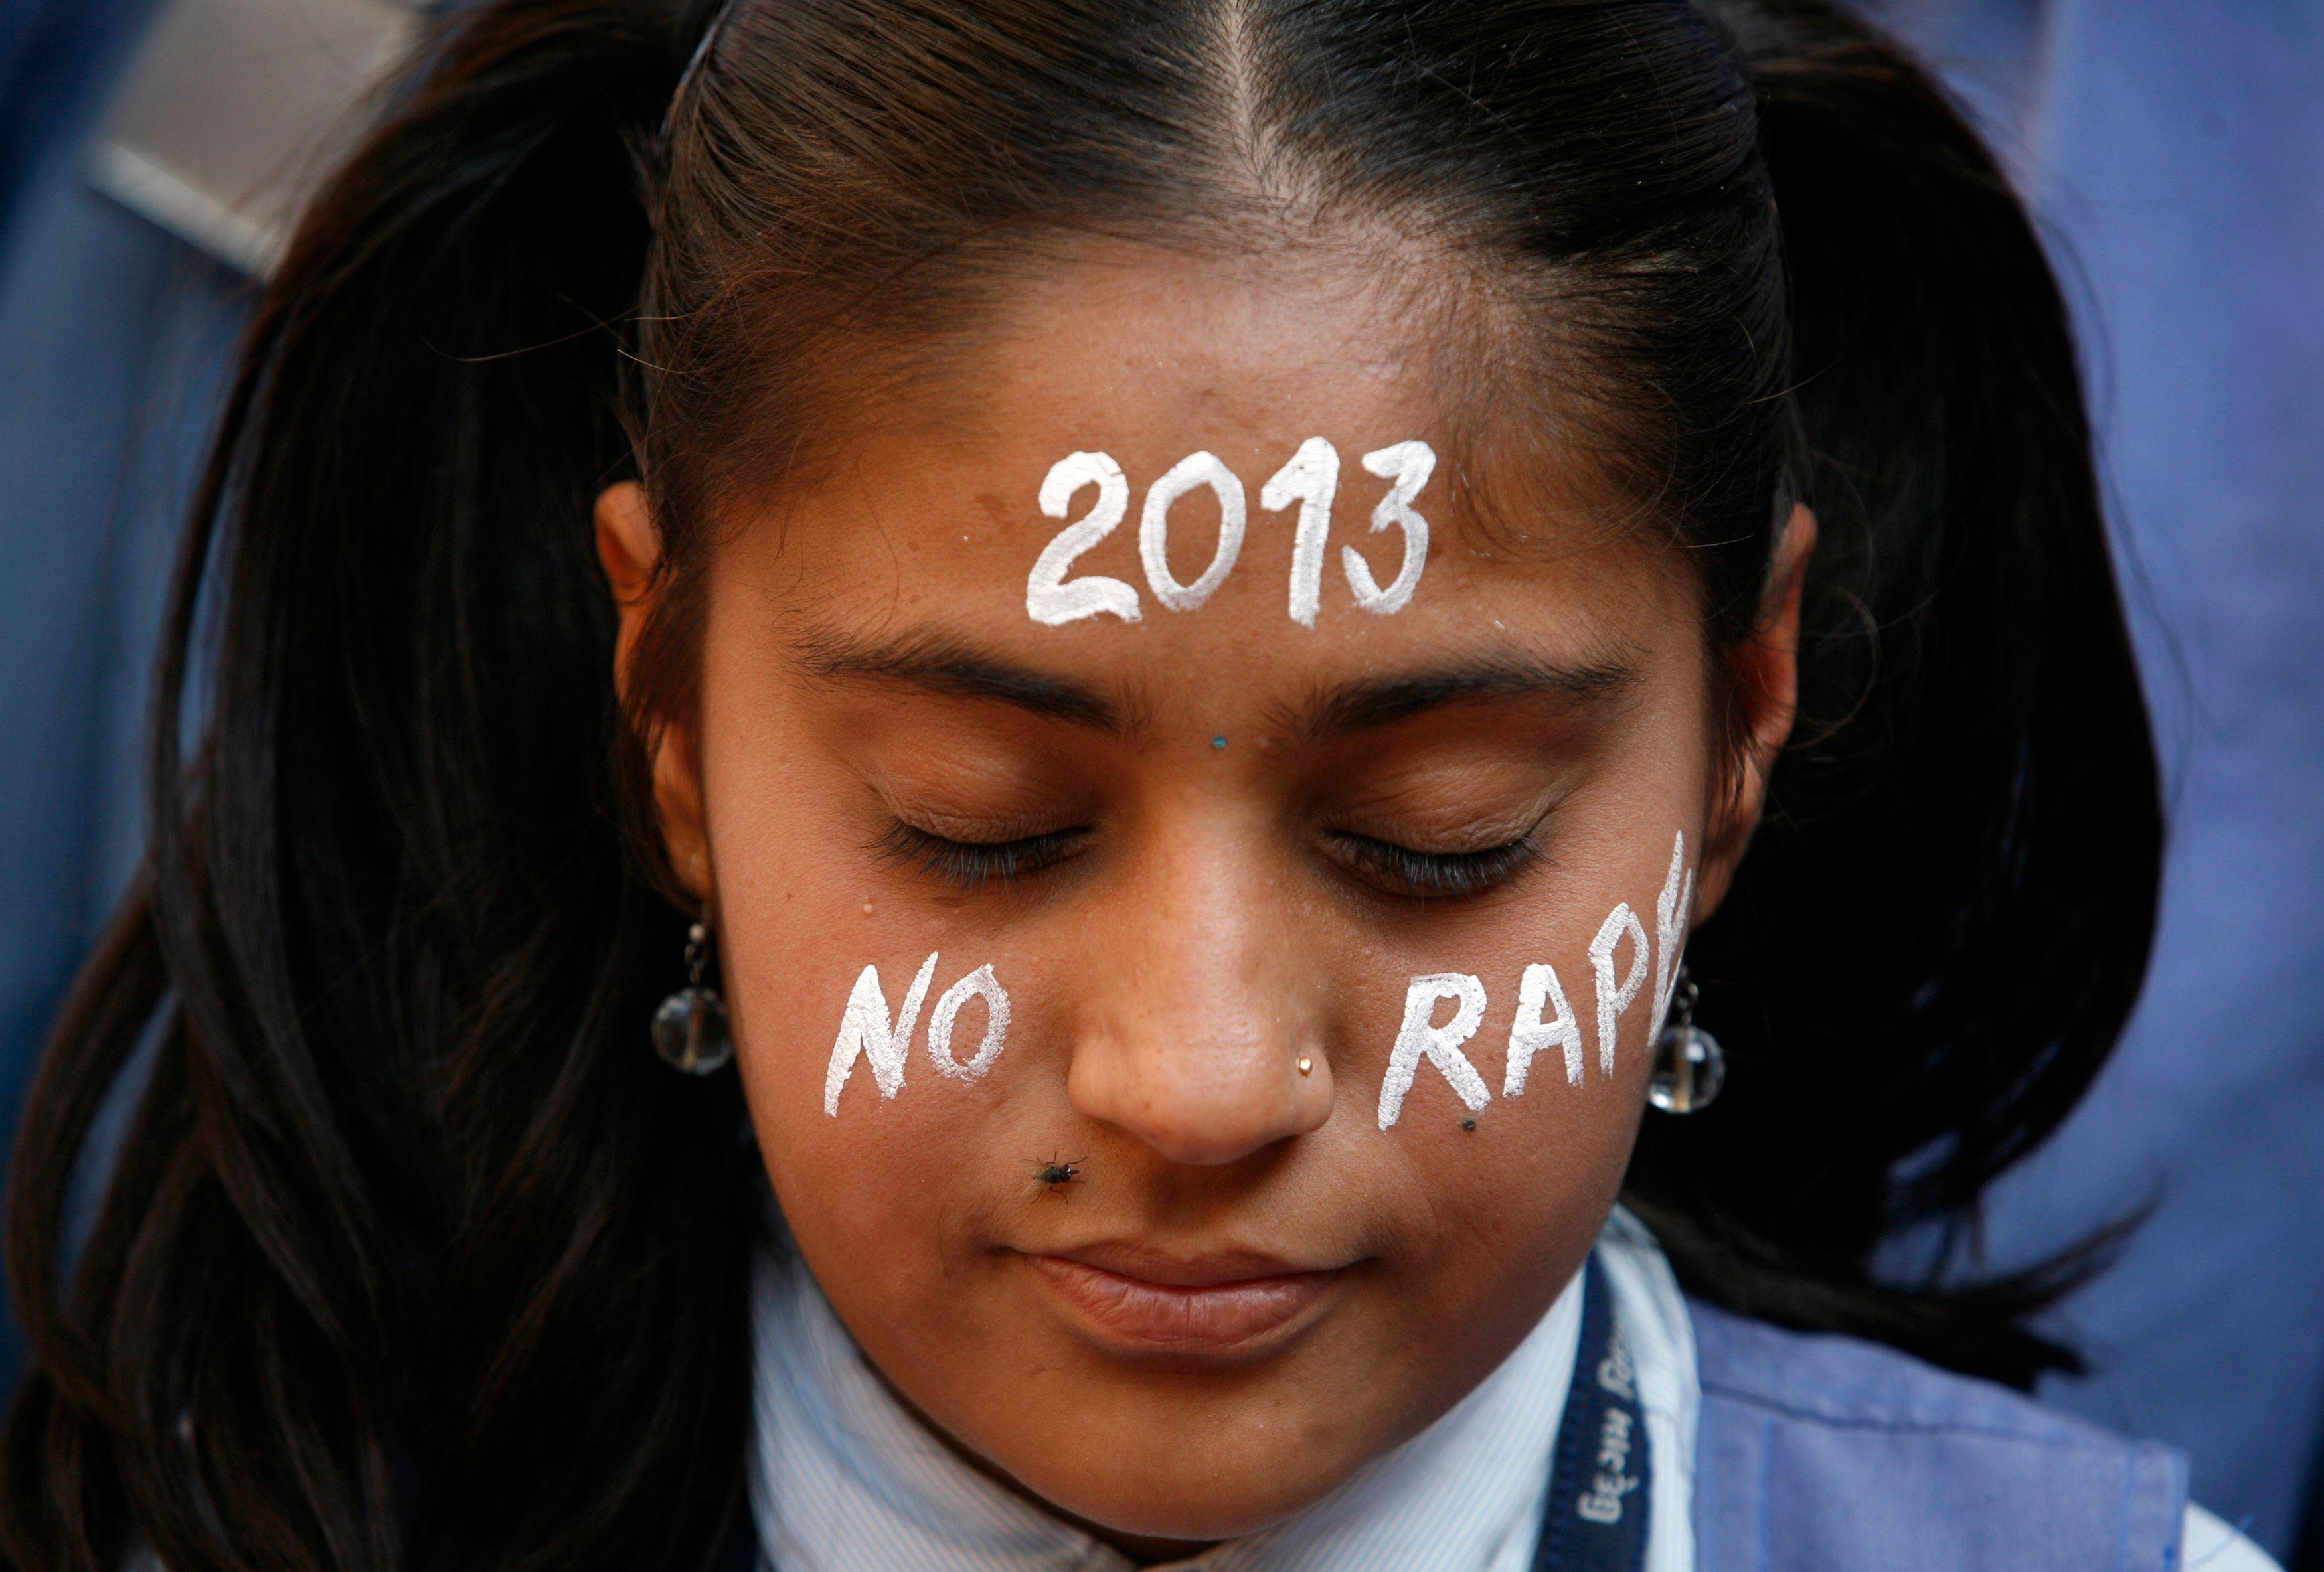 Des manifestations ont lieu en Inde depuis plusieurs jours, suite au viol et au meurtre d'une étudiante à New-Delhi.